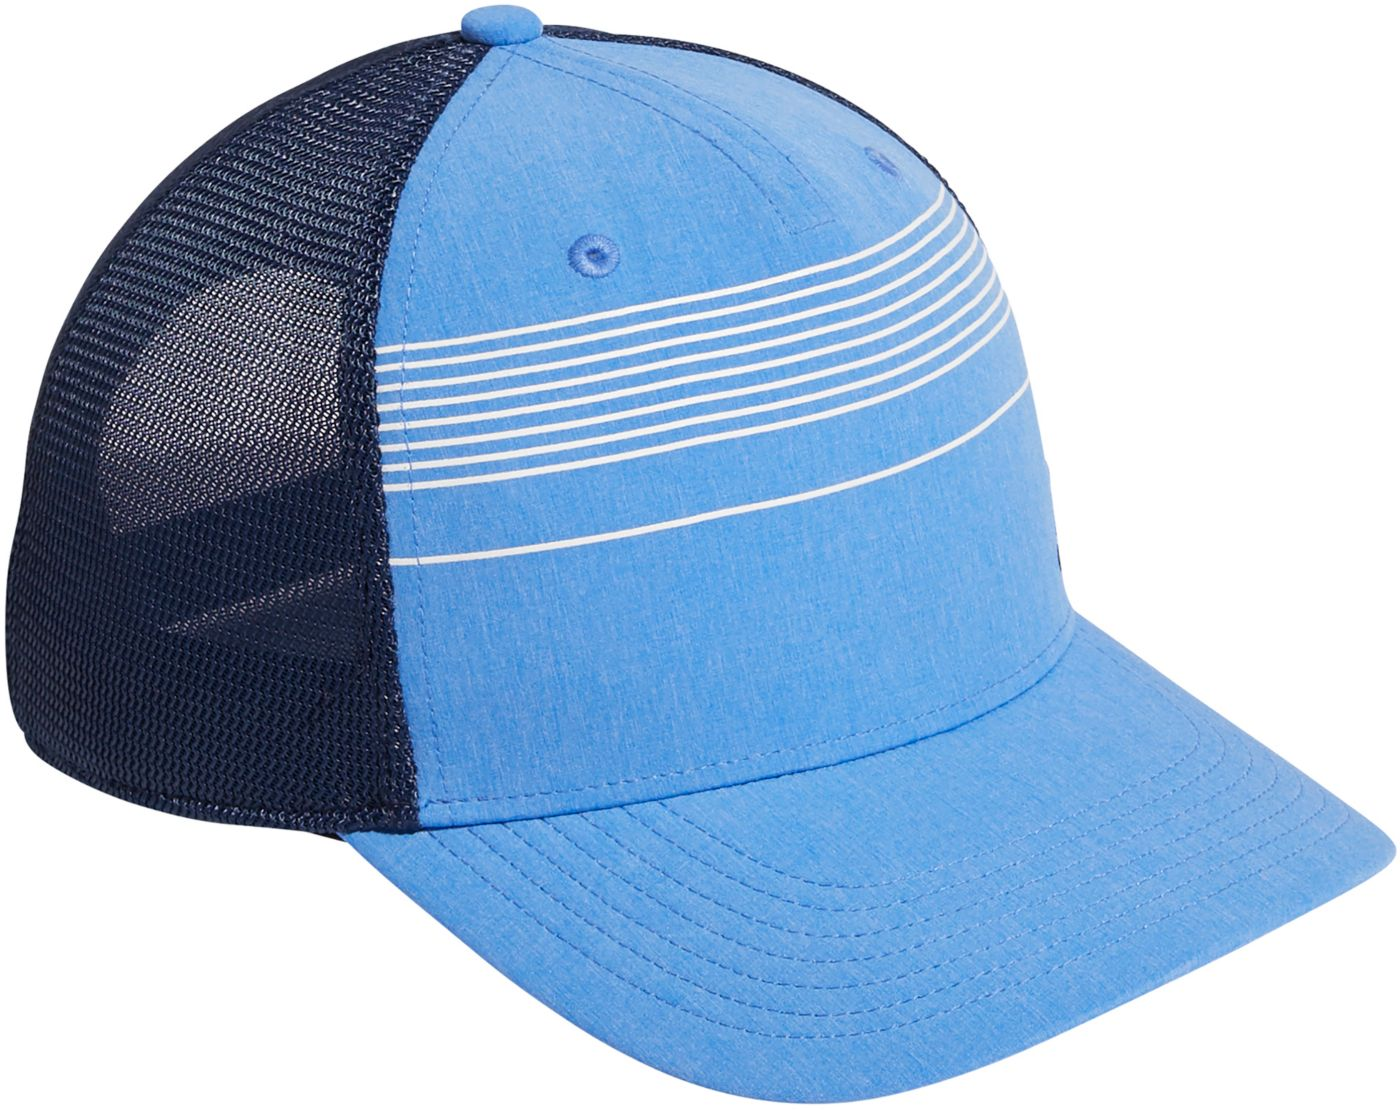 adidas Men's Striped Trucker Golf Hat